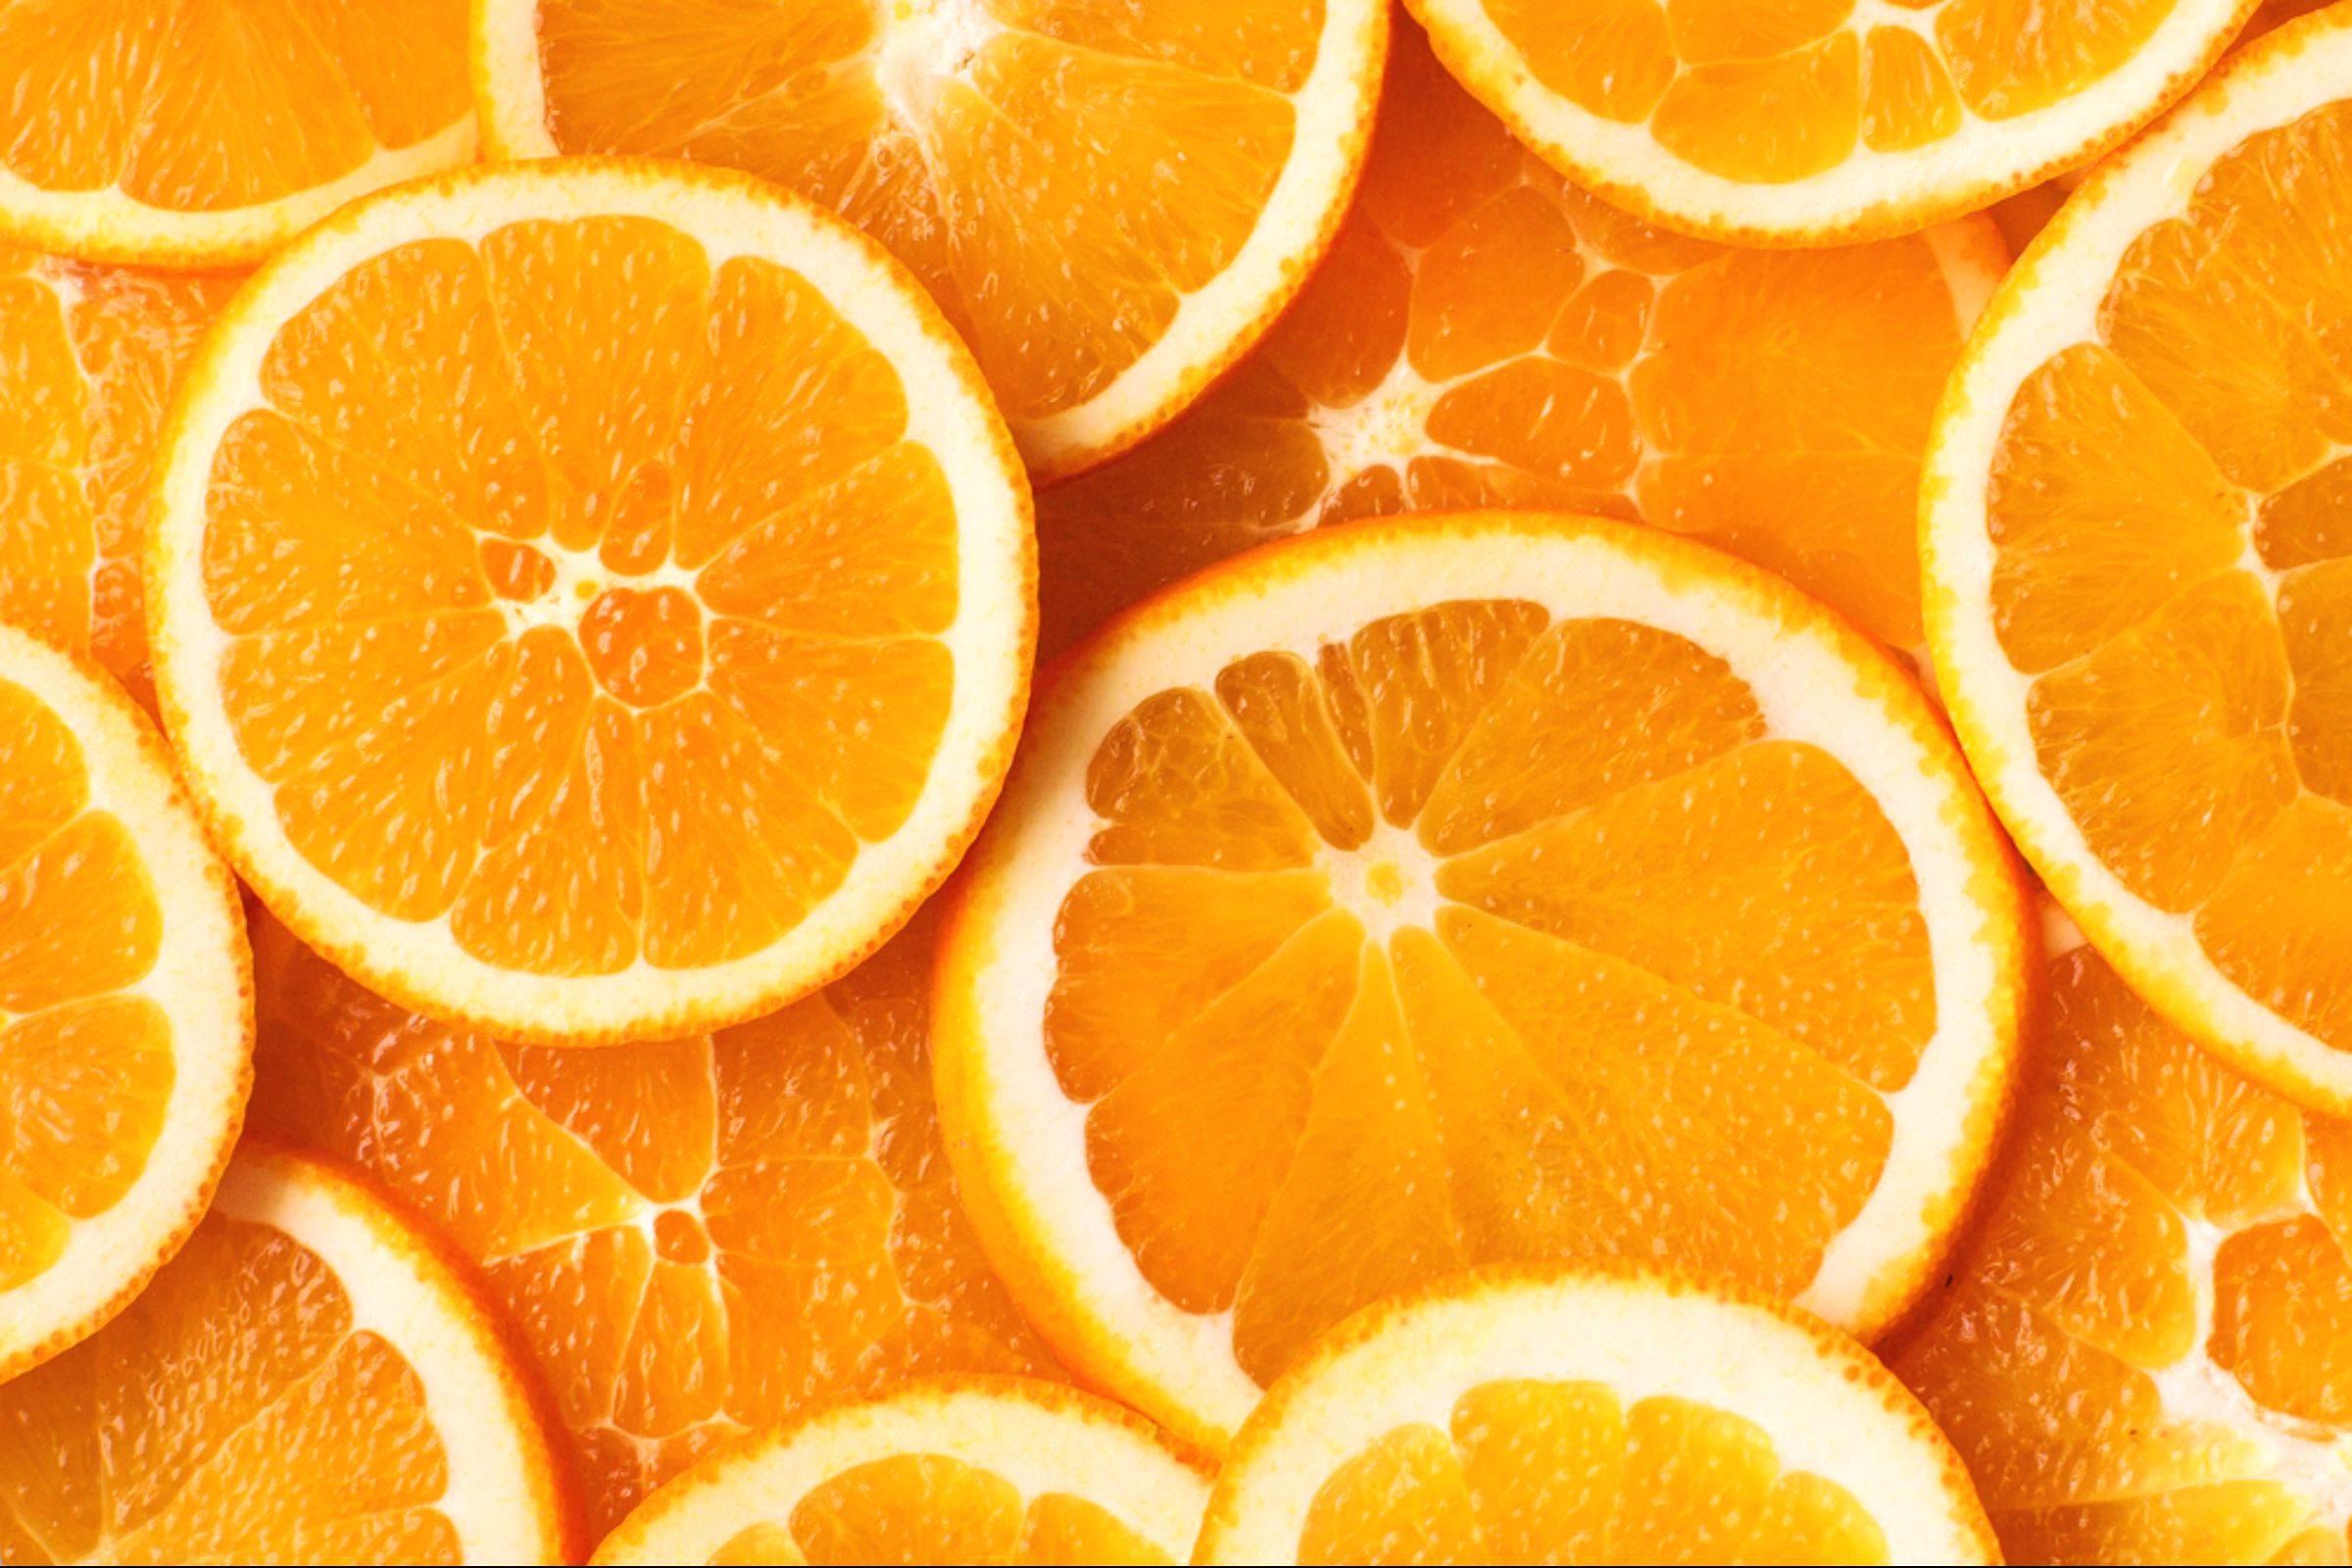 Fruits et légumes d'automne : Les oranges